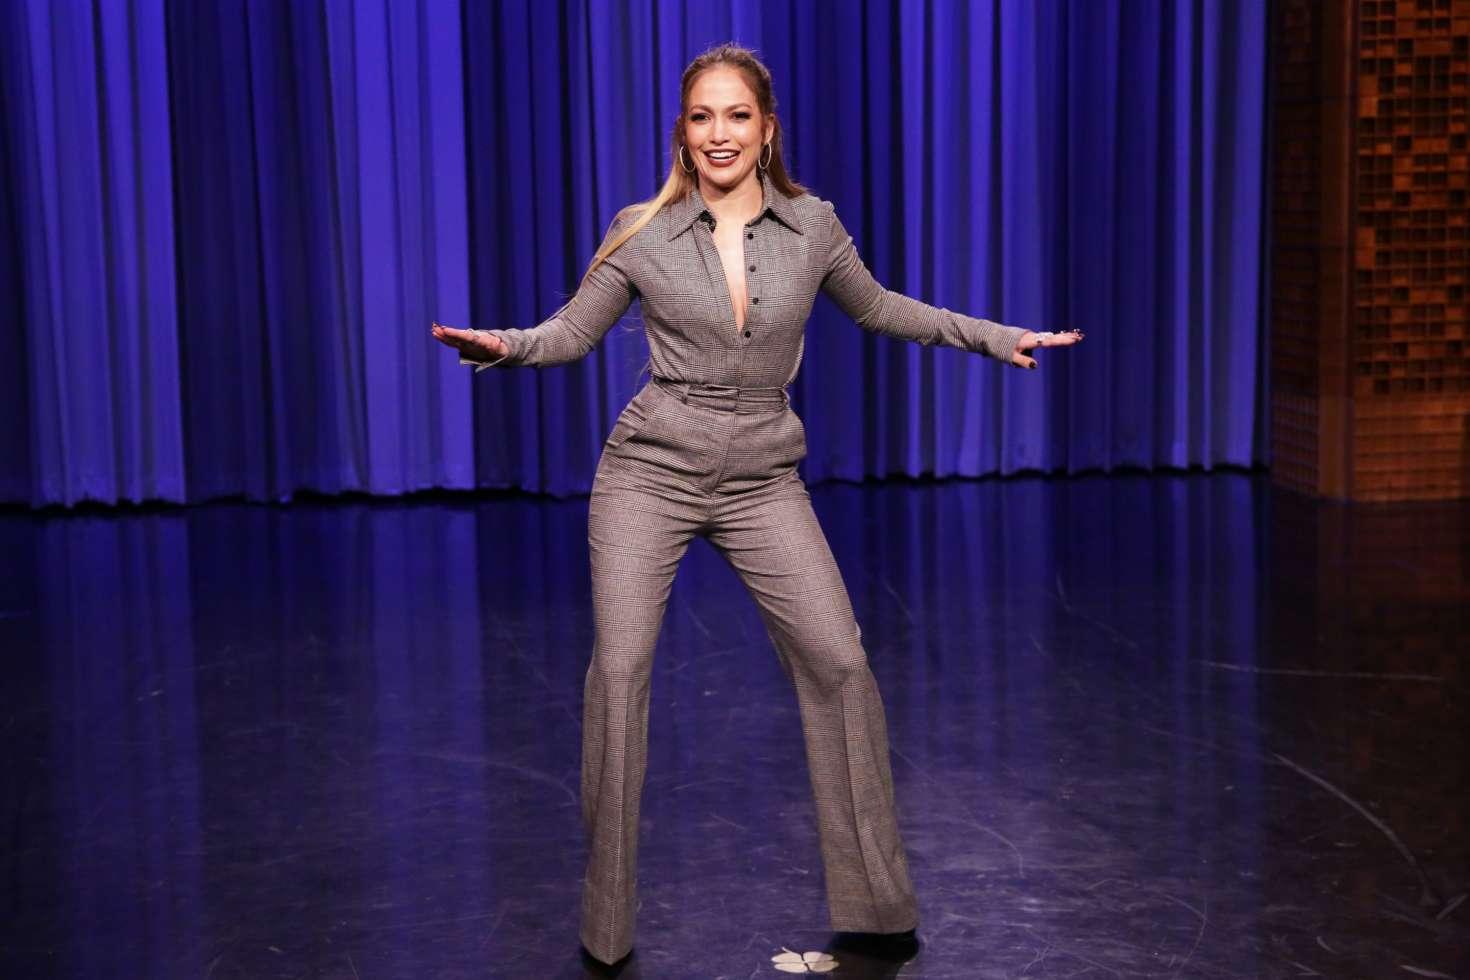 Jennifer Lopez 2017 : Jennifer Lopez on The Tonight Show Starring Jimmy Fallon -09